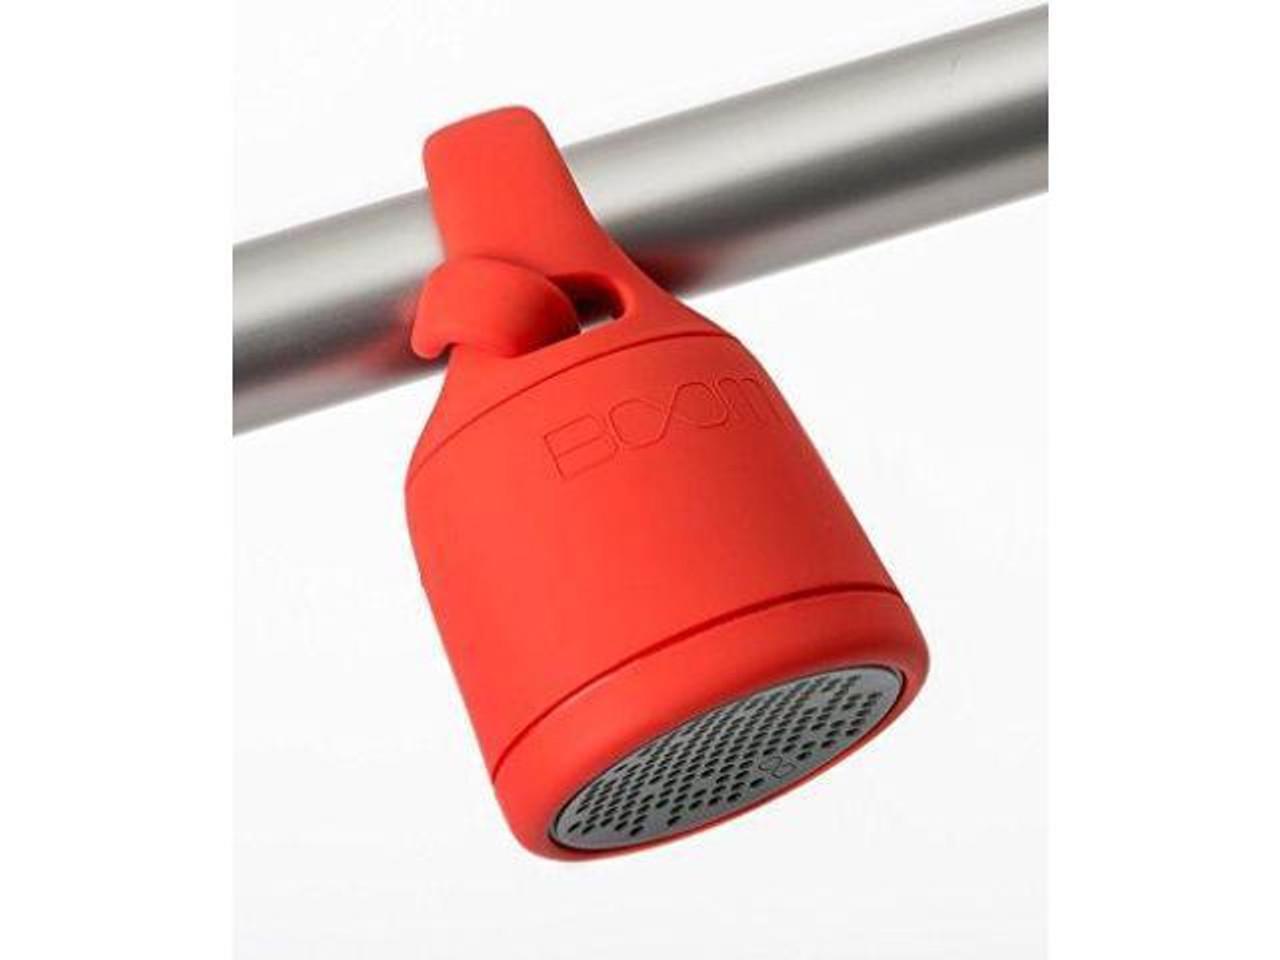 Polk Audio Boom Swimmer Bluetooth & Waterproof Speaker - Red - Refurbished